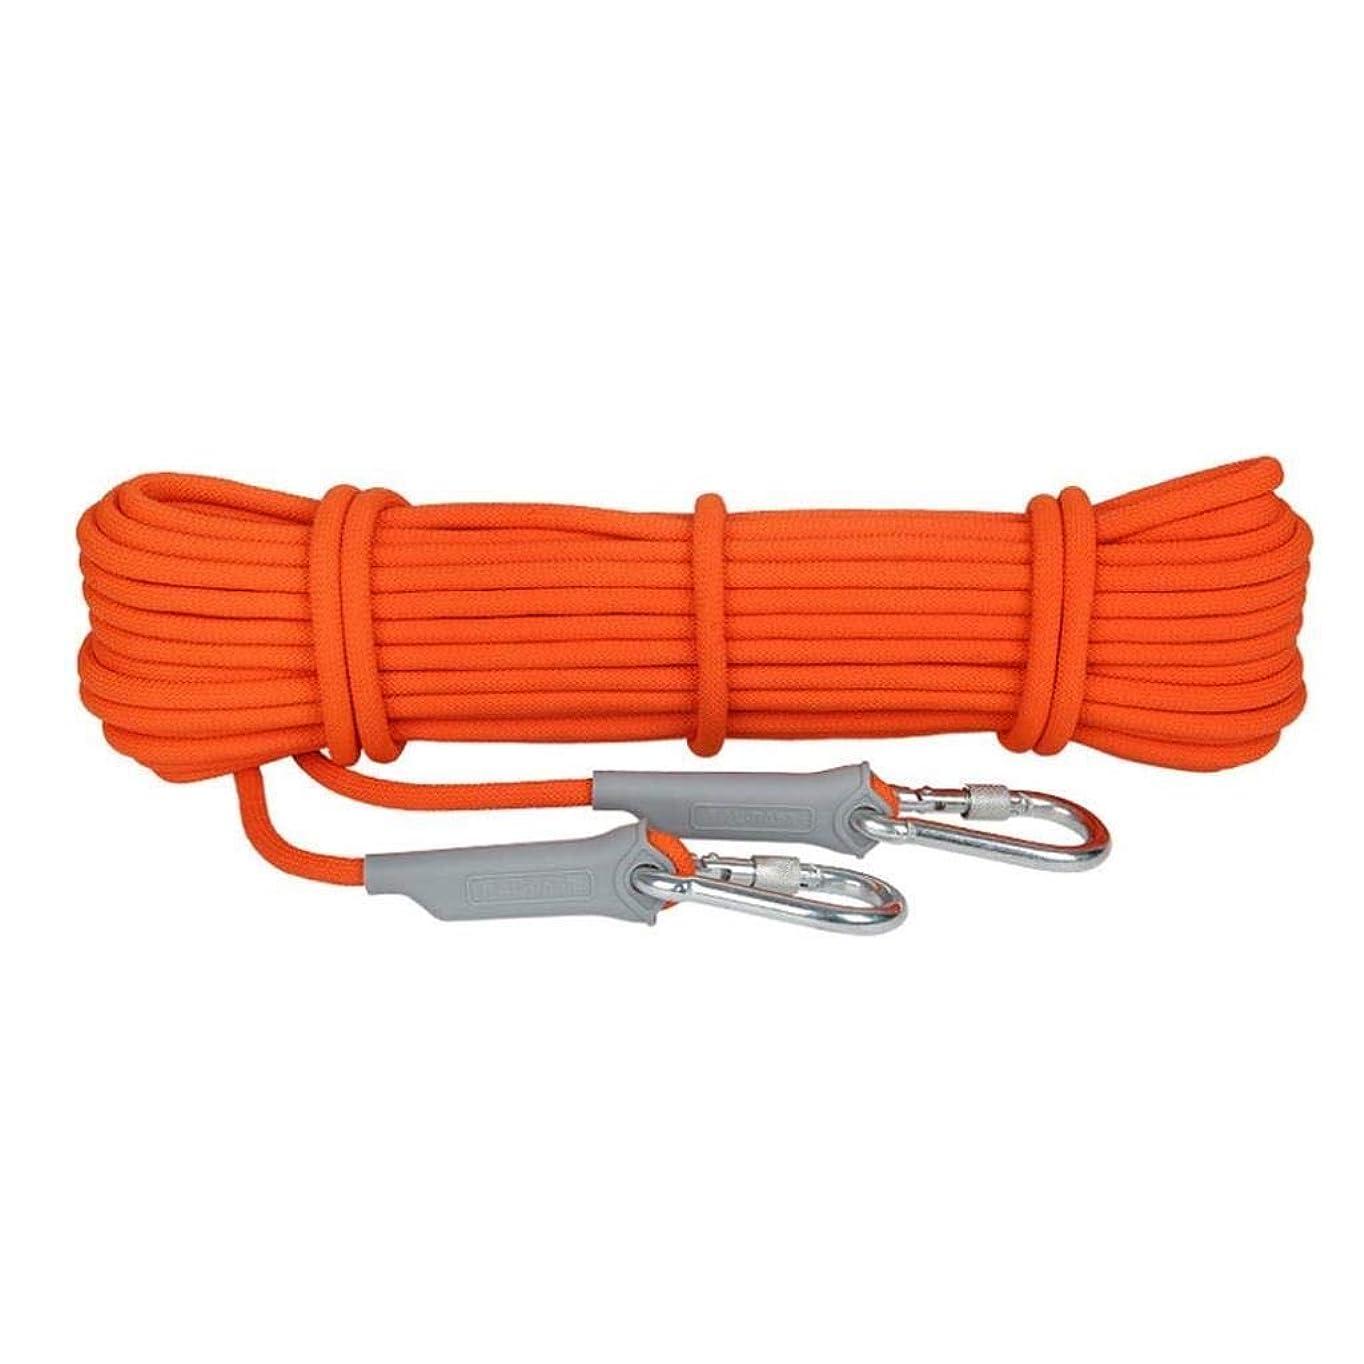 数値いわゆる同級生登山ロープの家の火の緊急脱出ロープ、ハイキングの洞窟探検のキャンプの救助調査および工学保護のための多機能のコードの安全ロープ。 (Color : 8.5mm, Size : 15m)